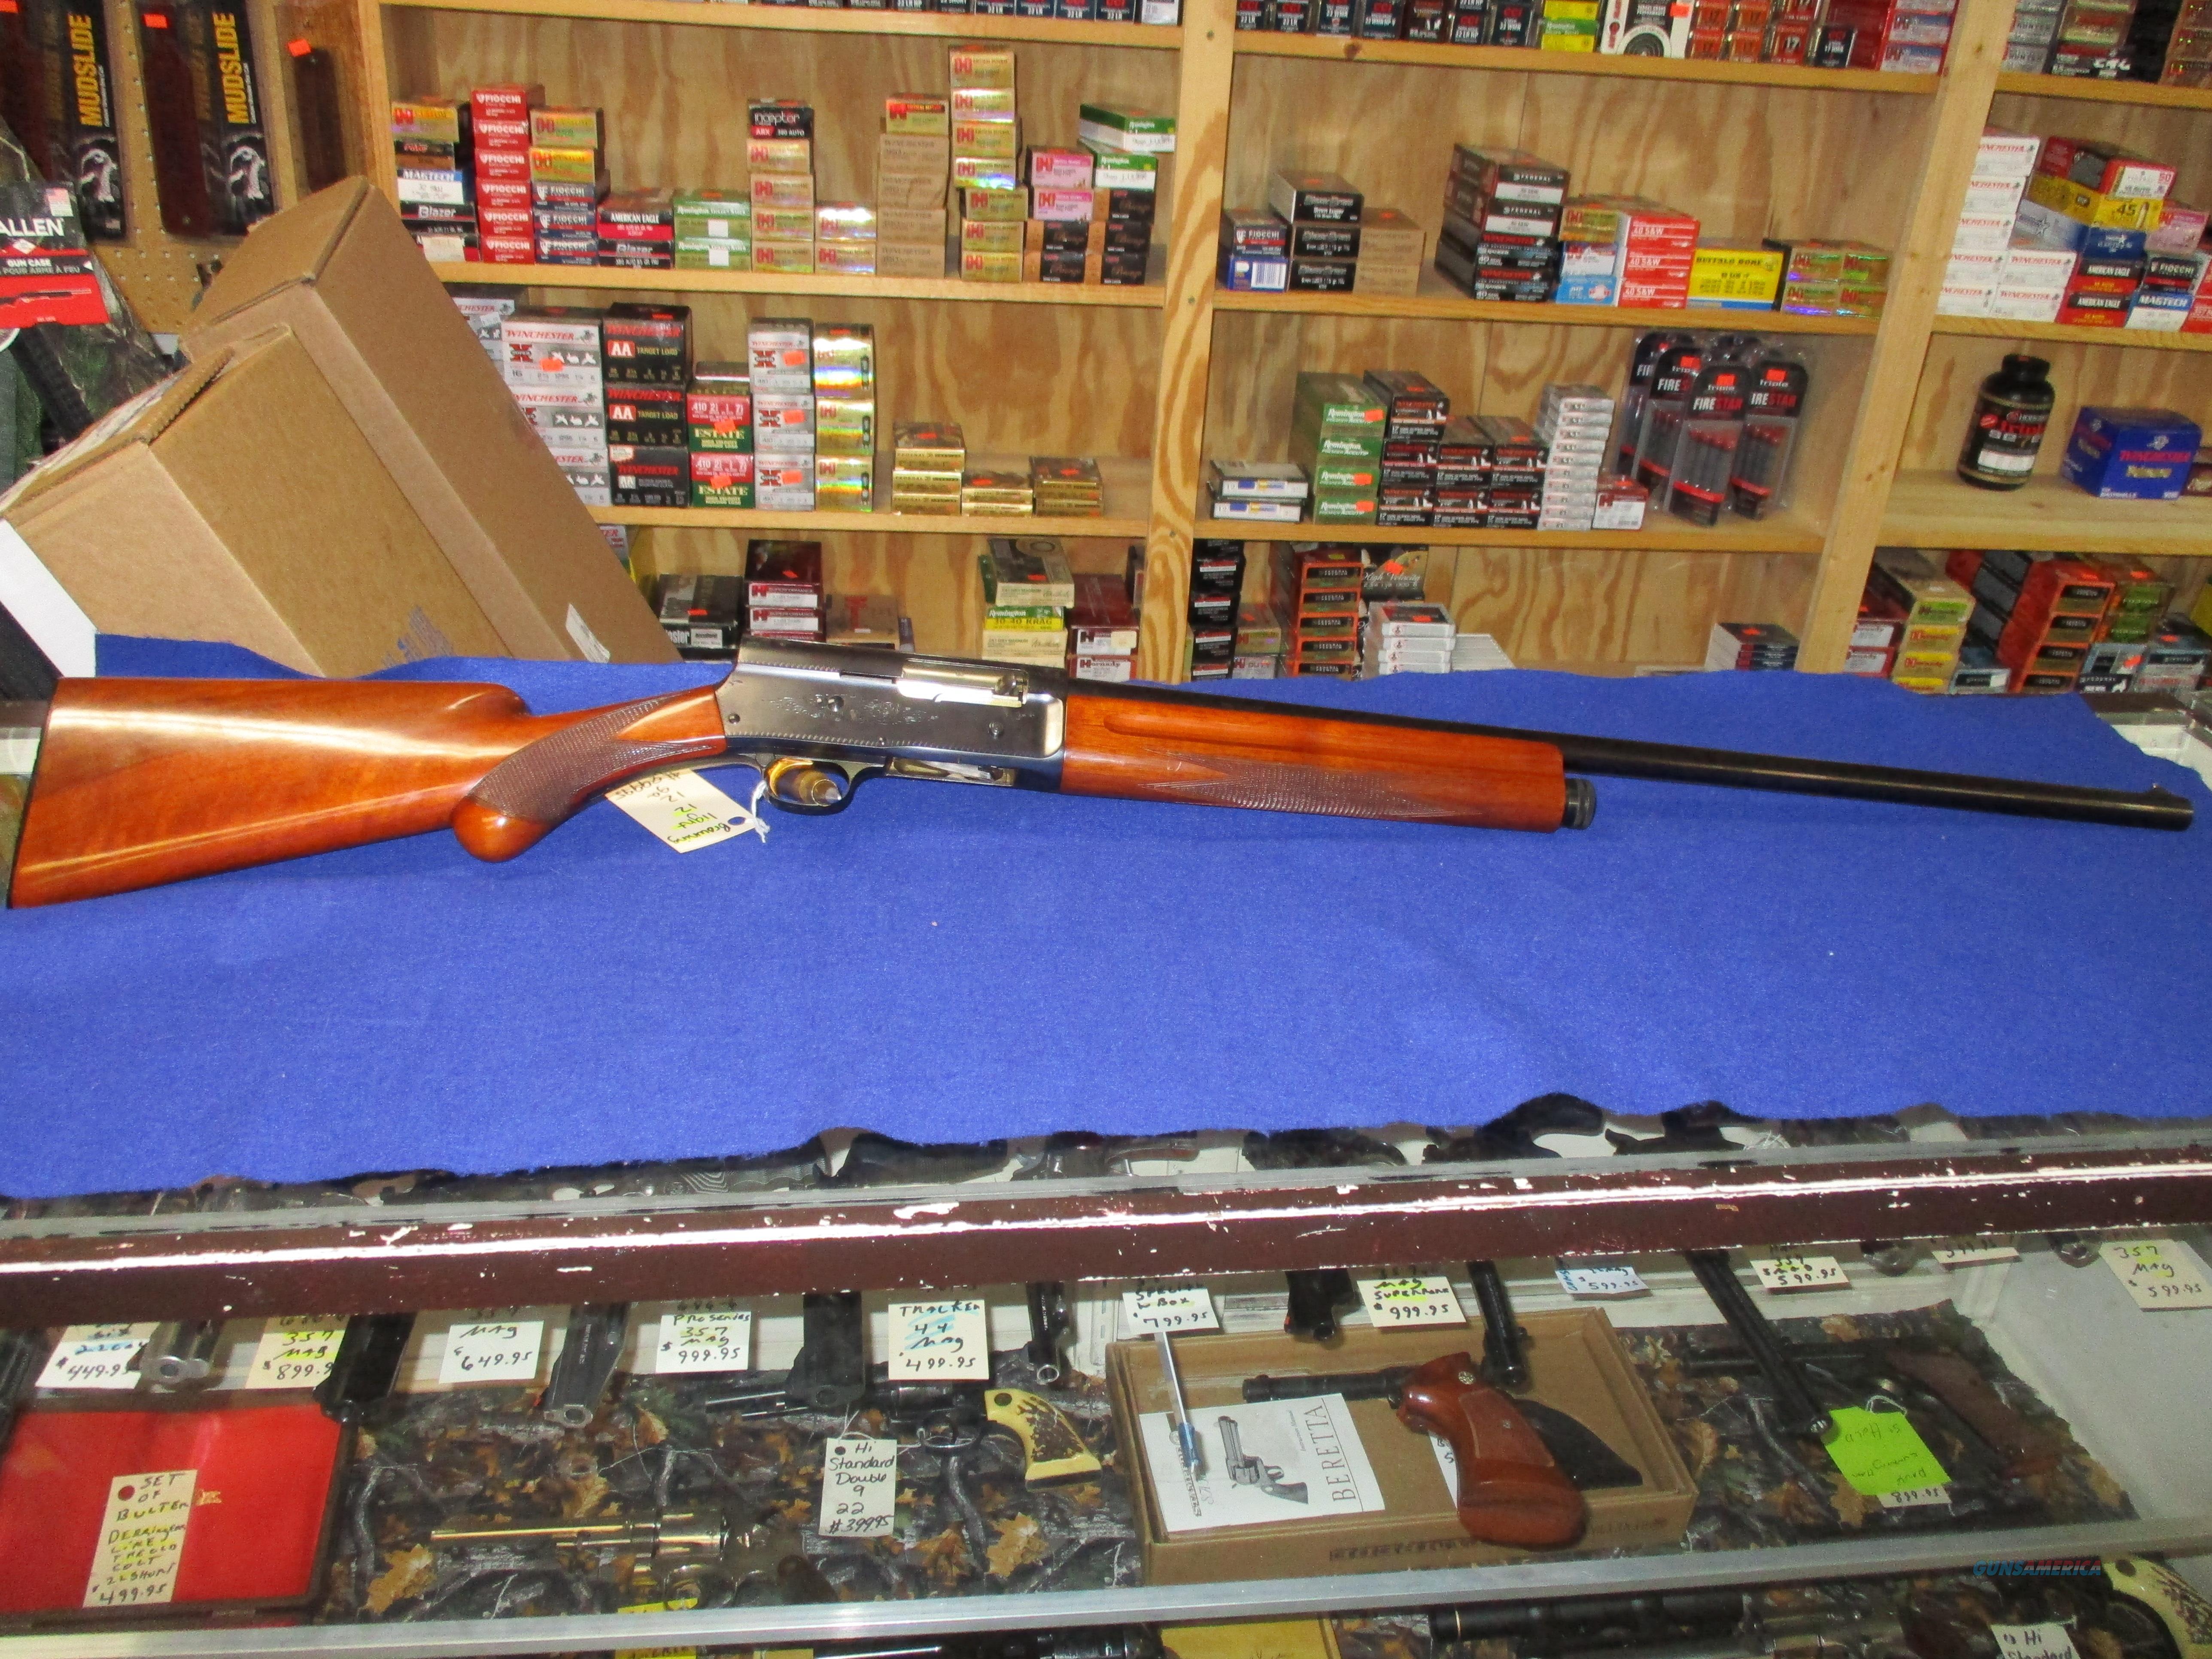 BROWNING LIGHT 12 12GA. SERIAL NO. 35261  Guns > Shotguns > Browning Shotguns > Autoloaders > Hunting